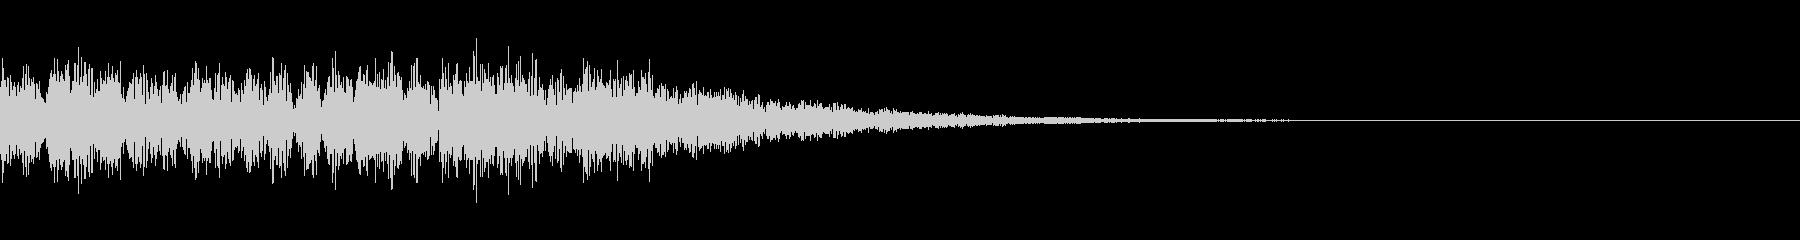 ホラーな決定音B07の未再生の波形